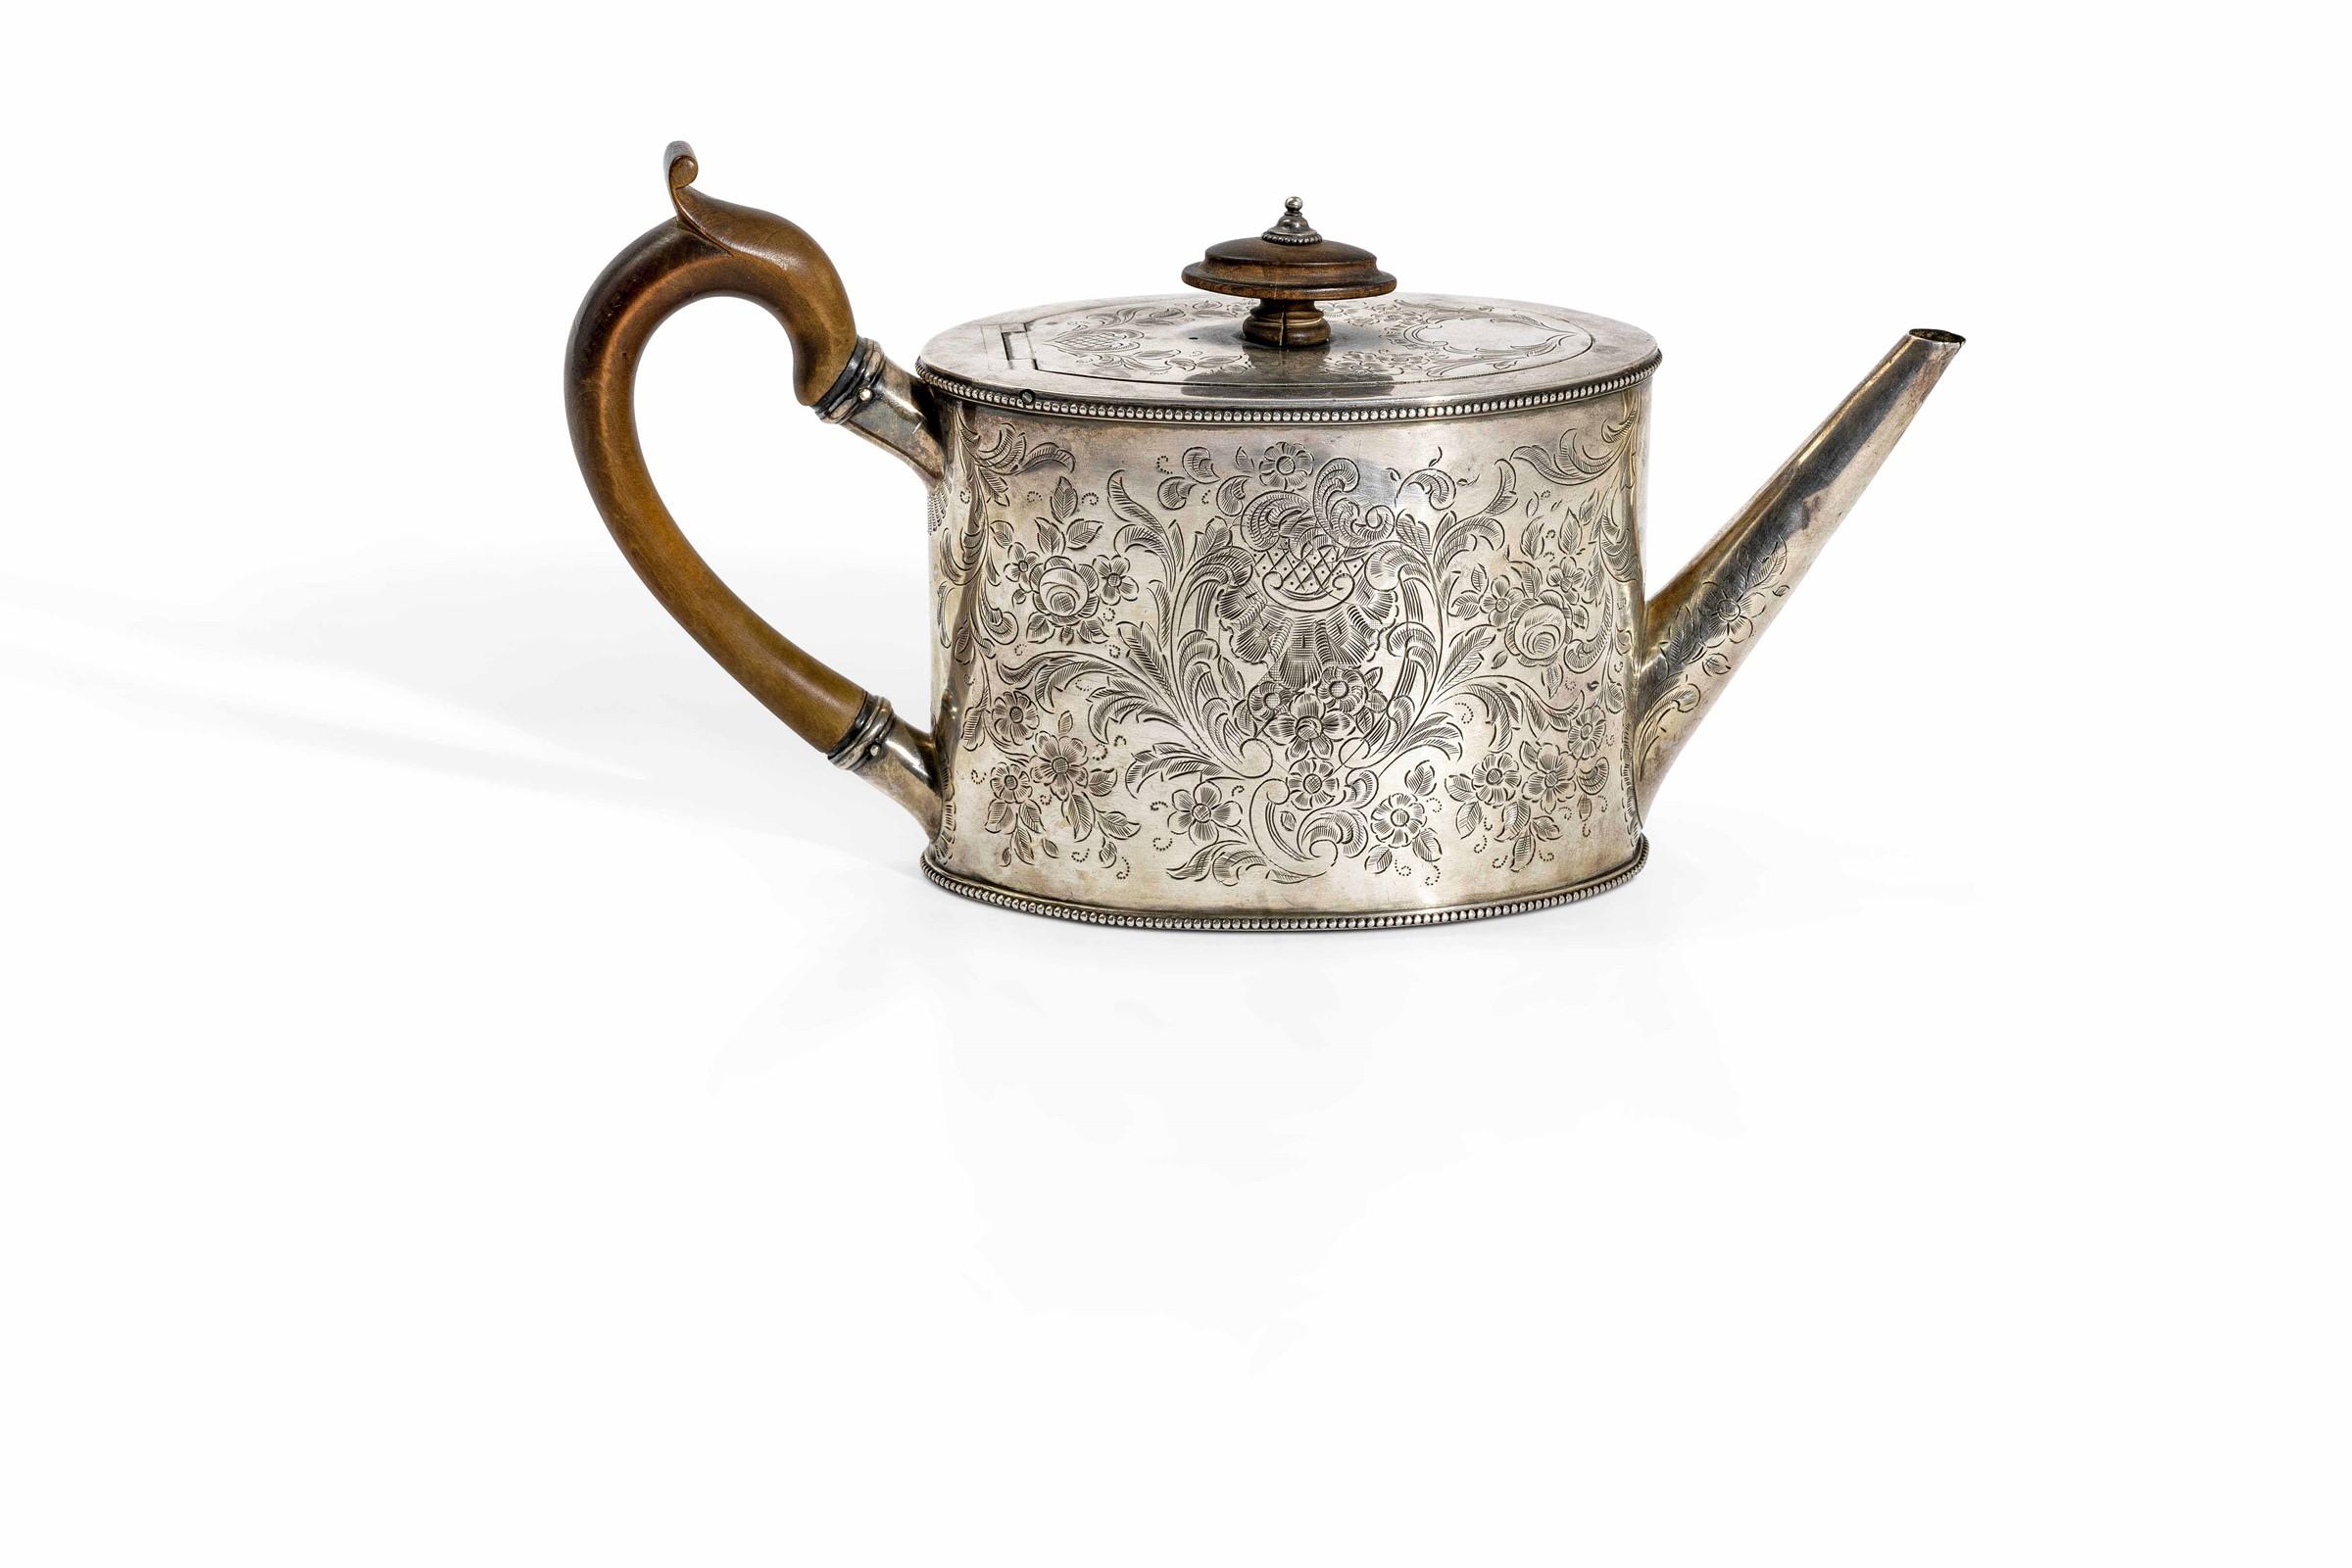 Teiera in argento cesellato con manico in legno. Londra 1783, argentiere Robert [...]